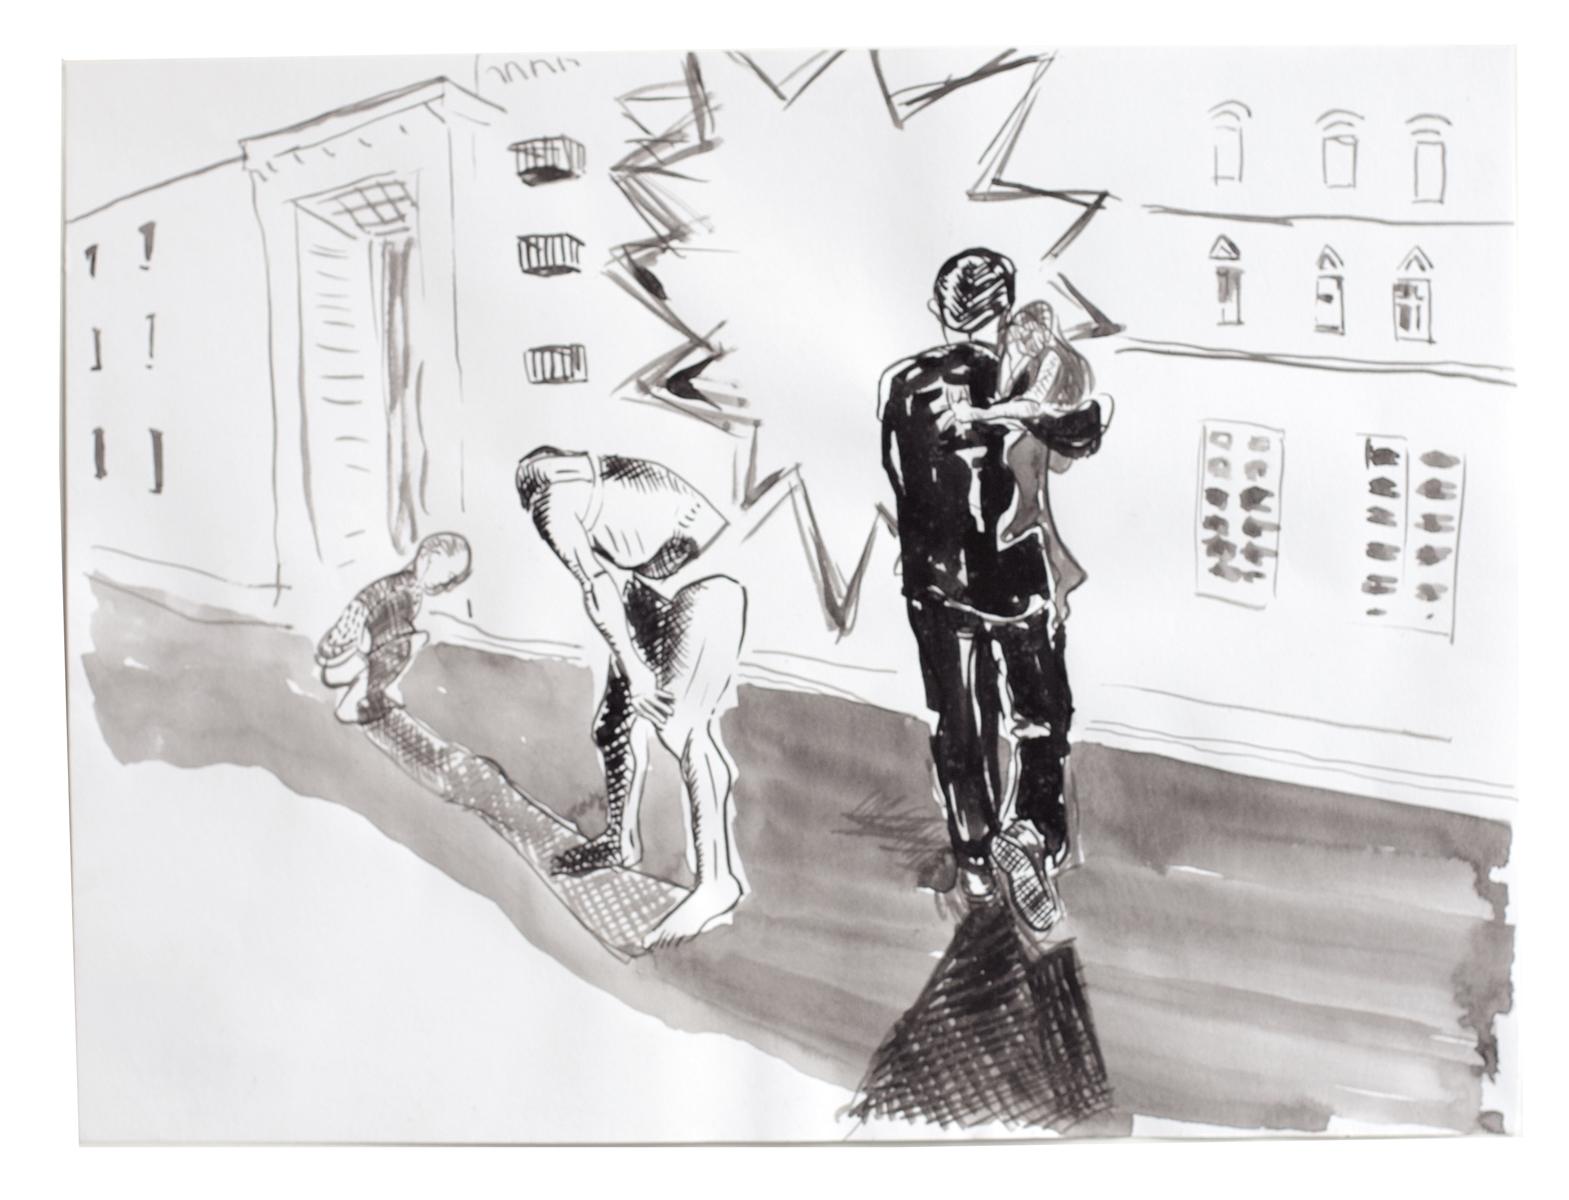 ohne Titel_2012 / 40 x 30 cm_Tusche/Papier